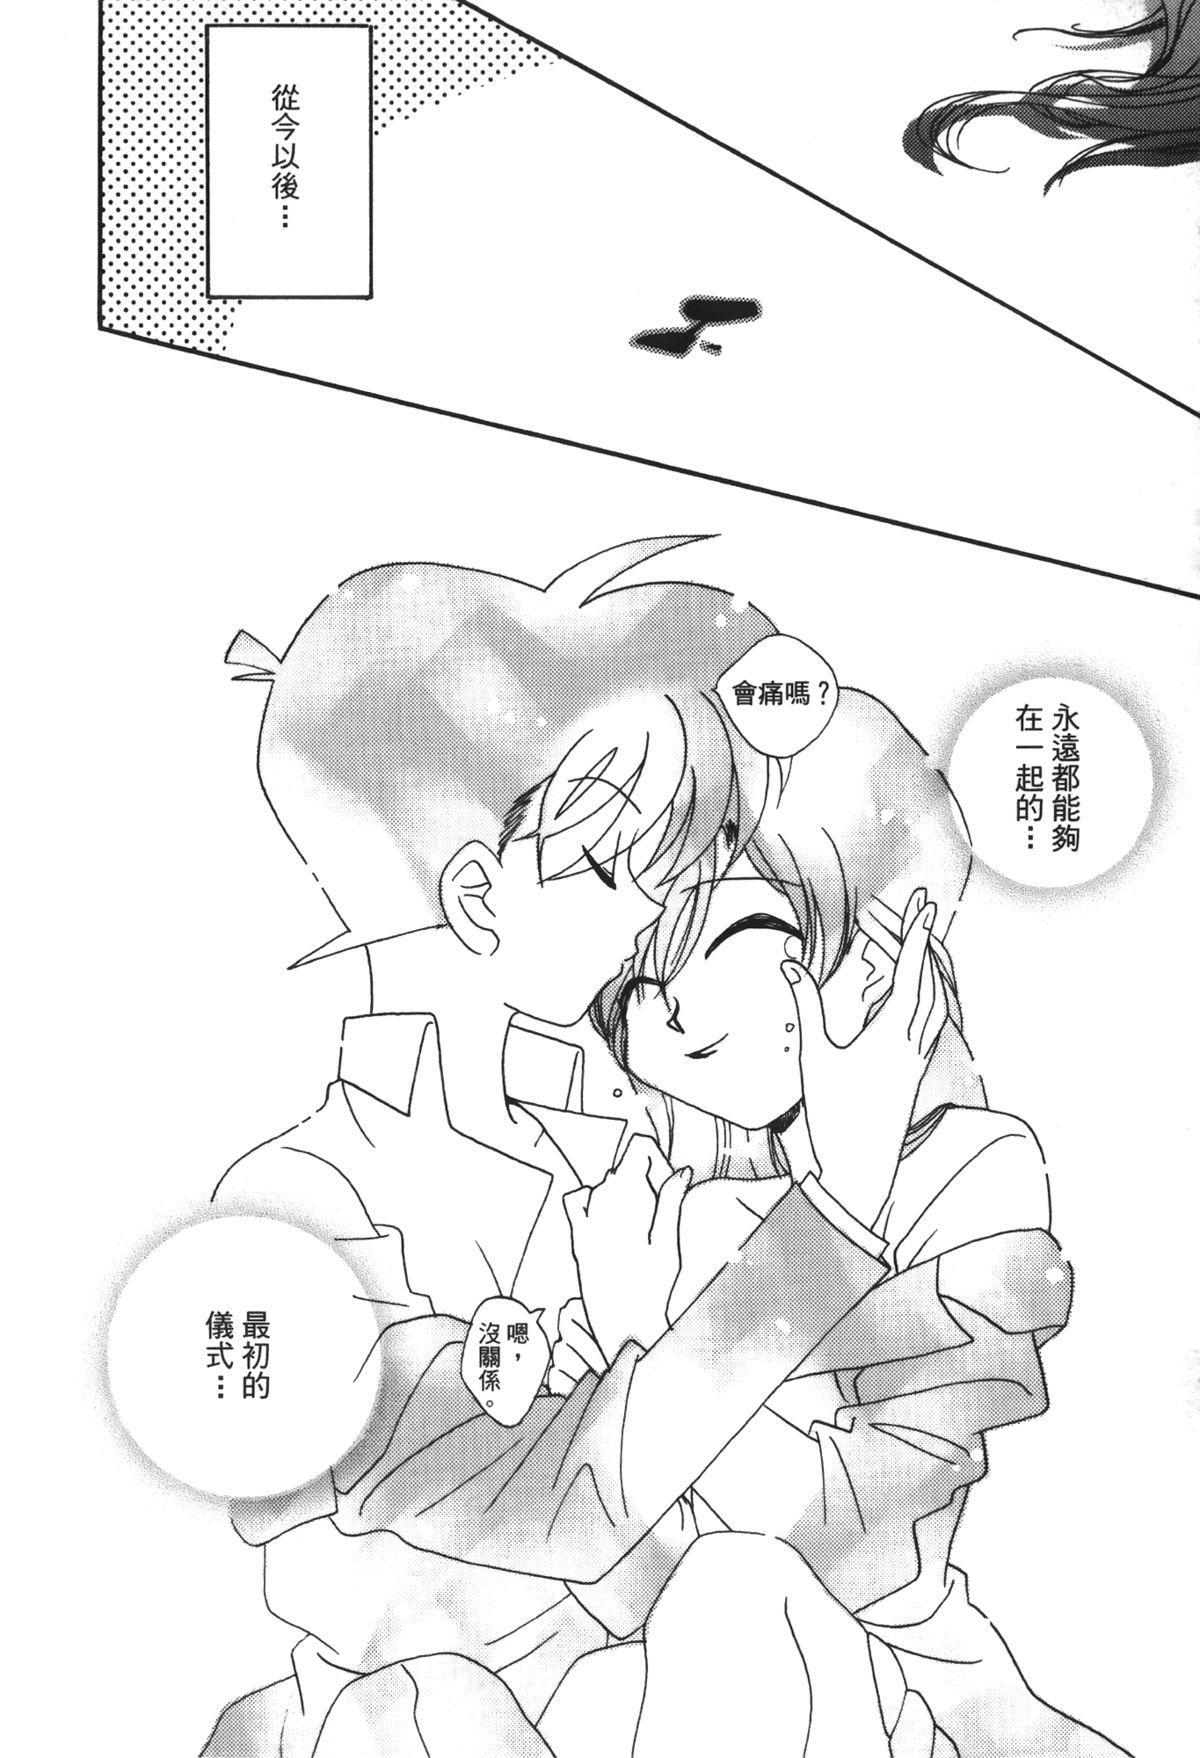 Detective Assistant Vol. 13 138